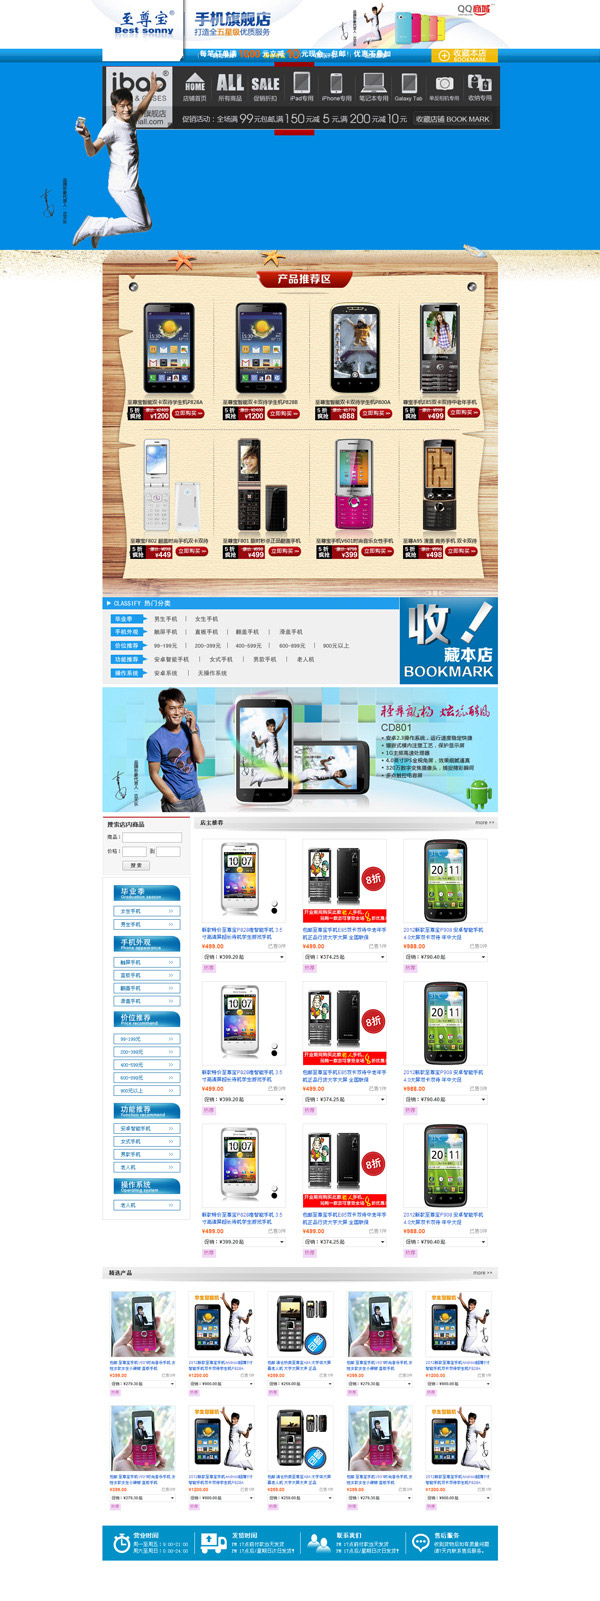 淘宝手机旗舰店